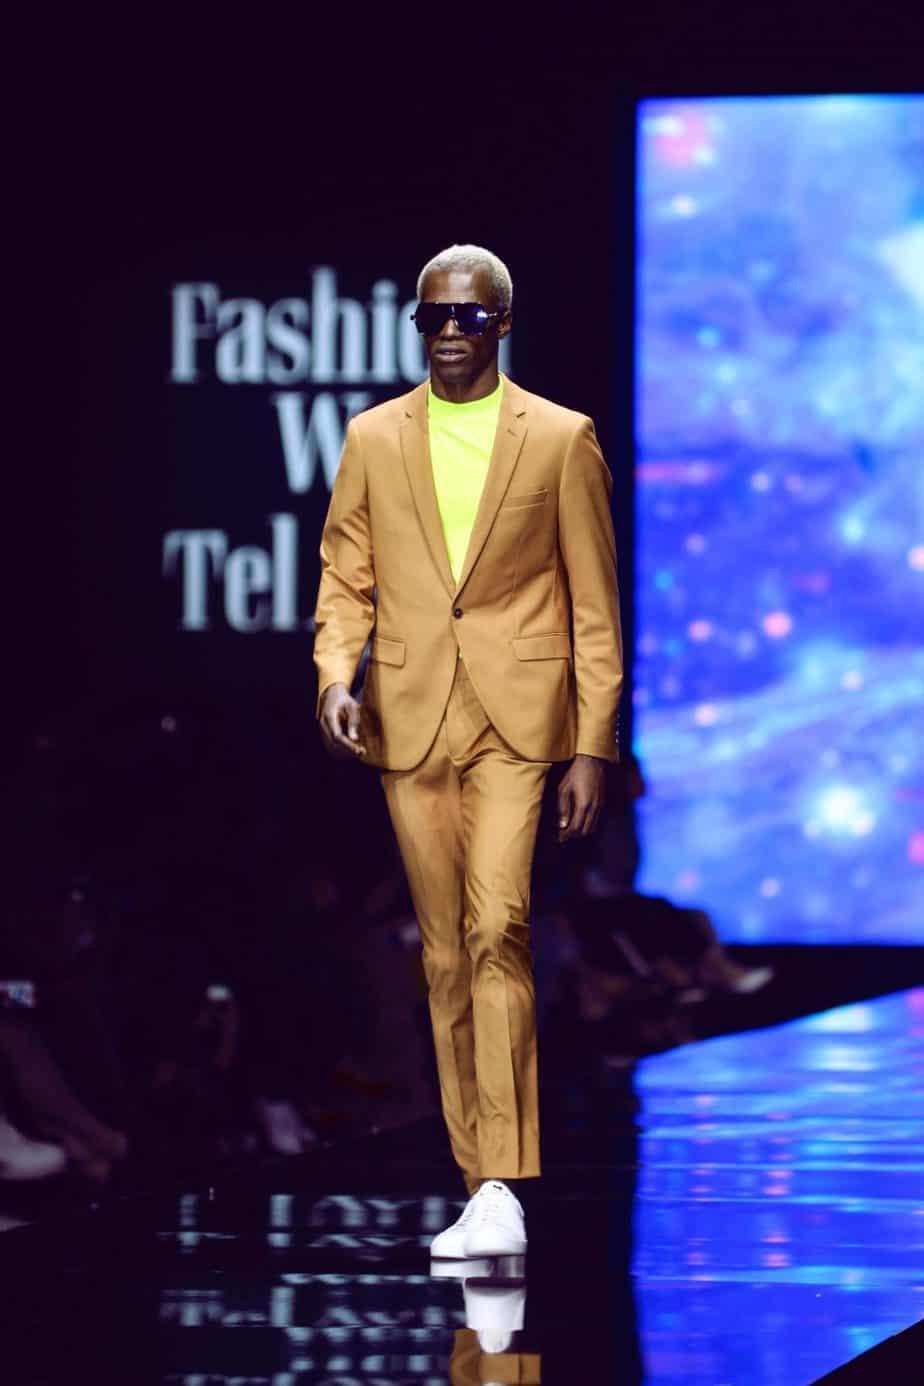 באמוס סקוור, שבוע האופנה תל אביב 2019. צילום עומר רביבי - 141